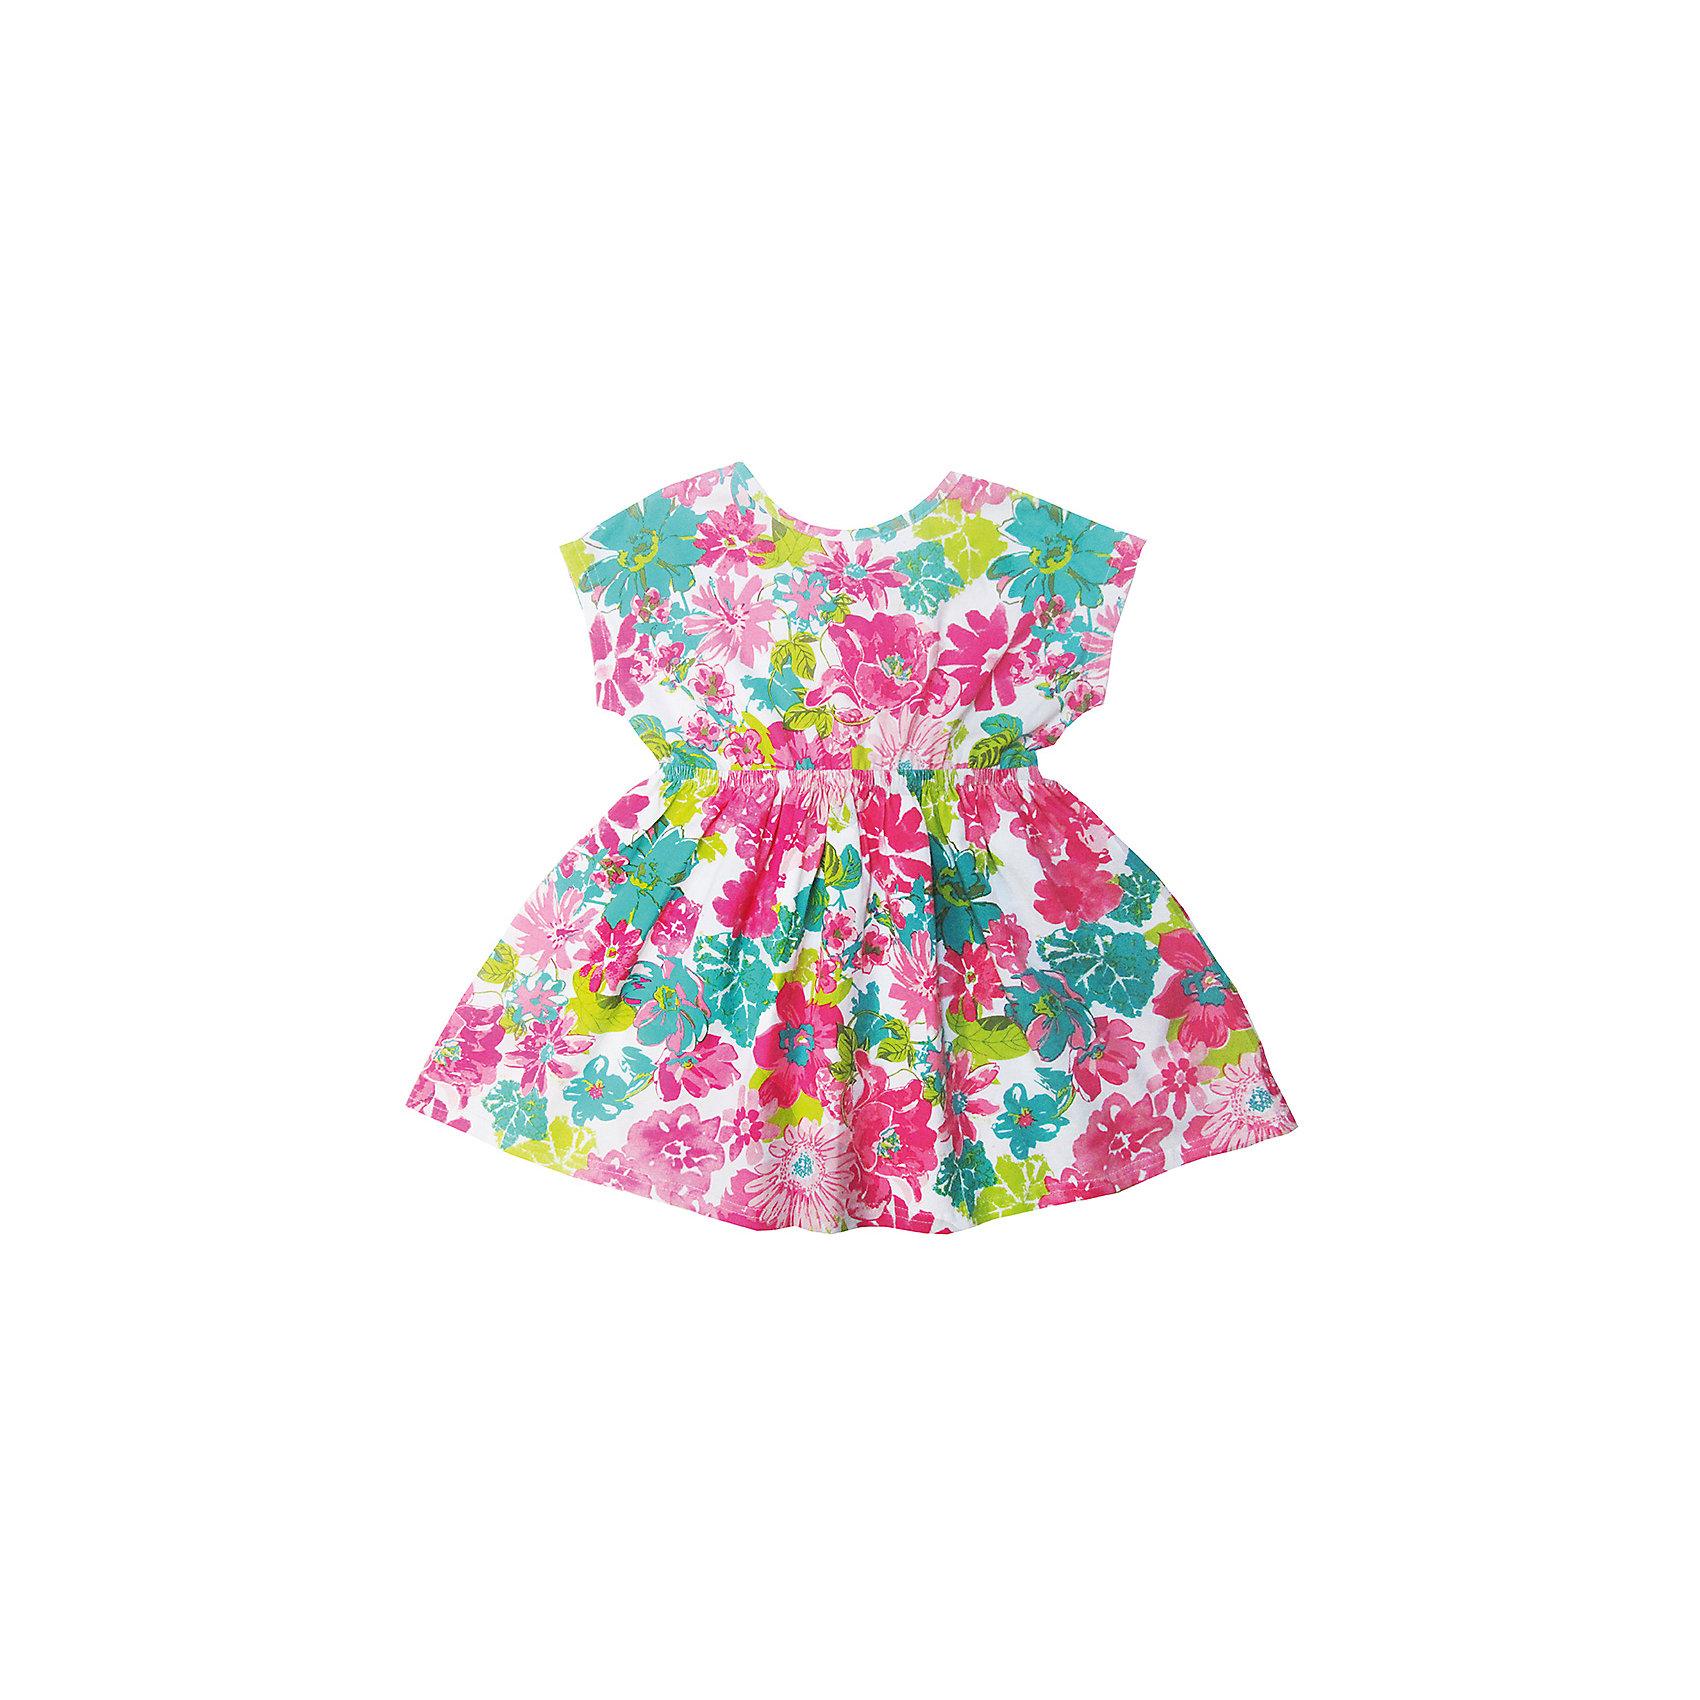 Футболка для девочки Sweet BerryФутболки, поло и топы<br>Трикотажная футболка для девочки с цветочным принтом декоратиной отделкой спинки. Короткие рукава.<br>Состав:<br>95%хлопок 5%эластан<br><br>Ширина мм: 199<br>Глубина мм: 10<br>Высота мм: 161<br>Вес г: 151<br>Цвет: разноцветный<br>Возраст от месяцев: 24<br>Возраст до месяцев: 36<br>Пол: Женский<br>Возраст: Детский<br>Размер: 98,104,128,122,116,110<br>SKU: 5412611